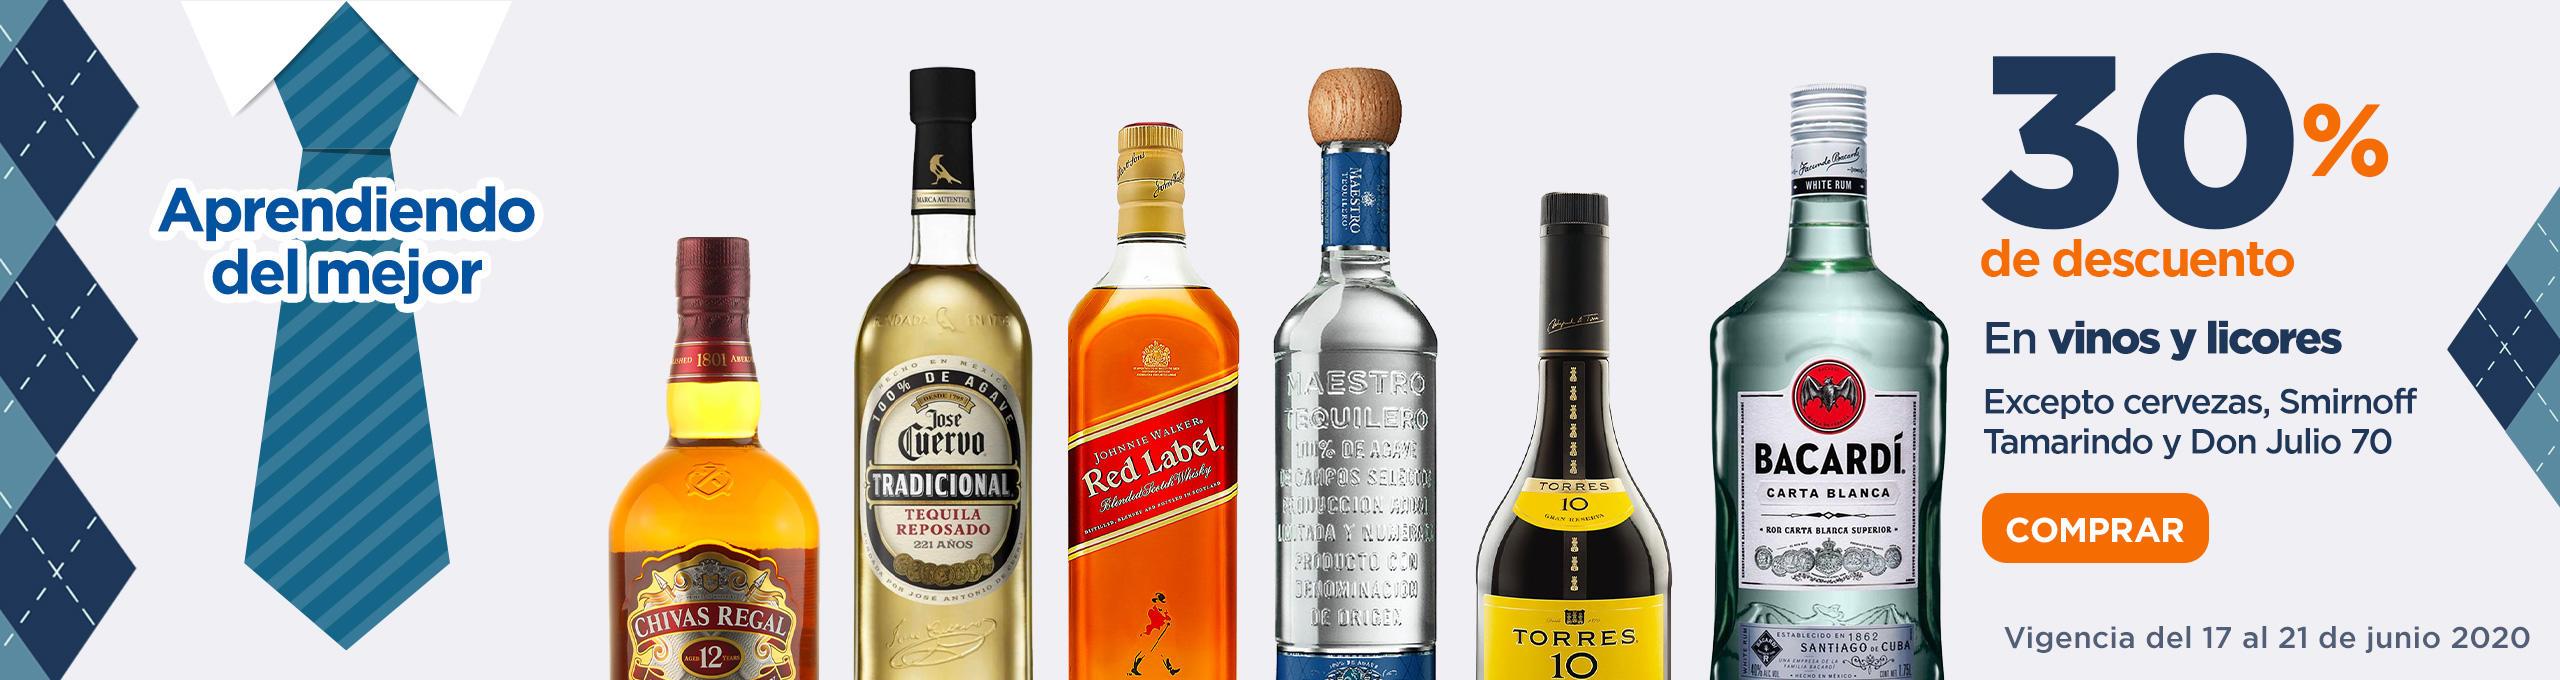 CHEDRAUI 30 % descuento en vinos y licores 17 al 21 junio (mejores precios que soriana y el 3 x 2 )